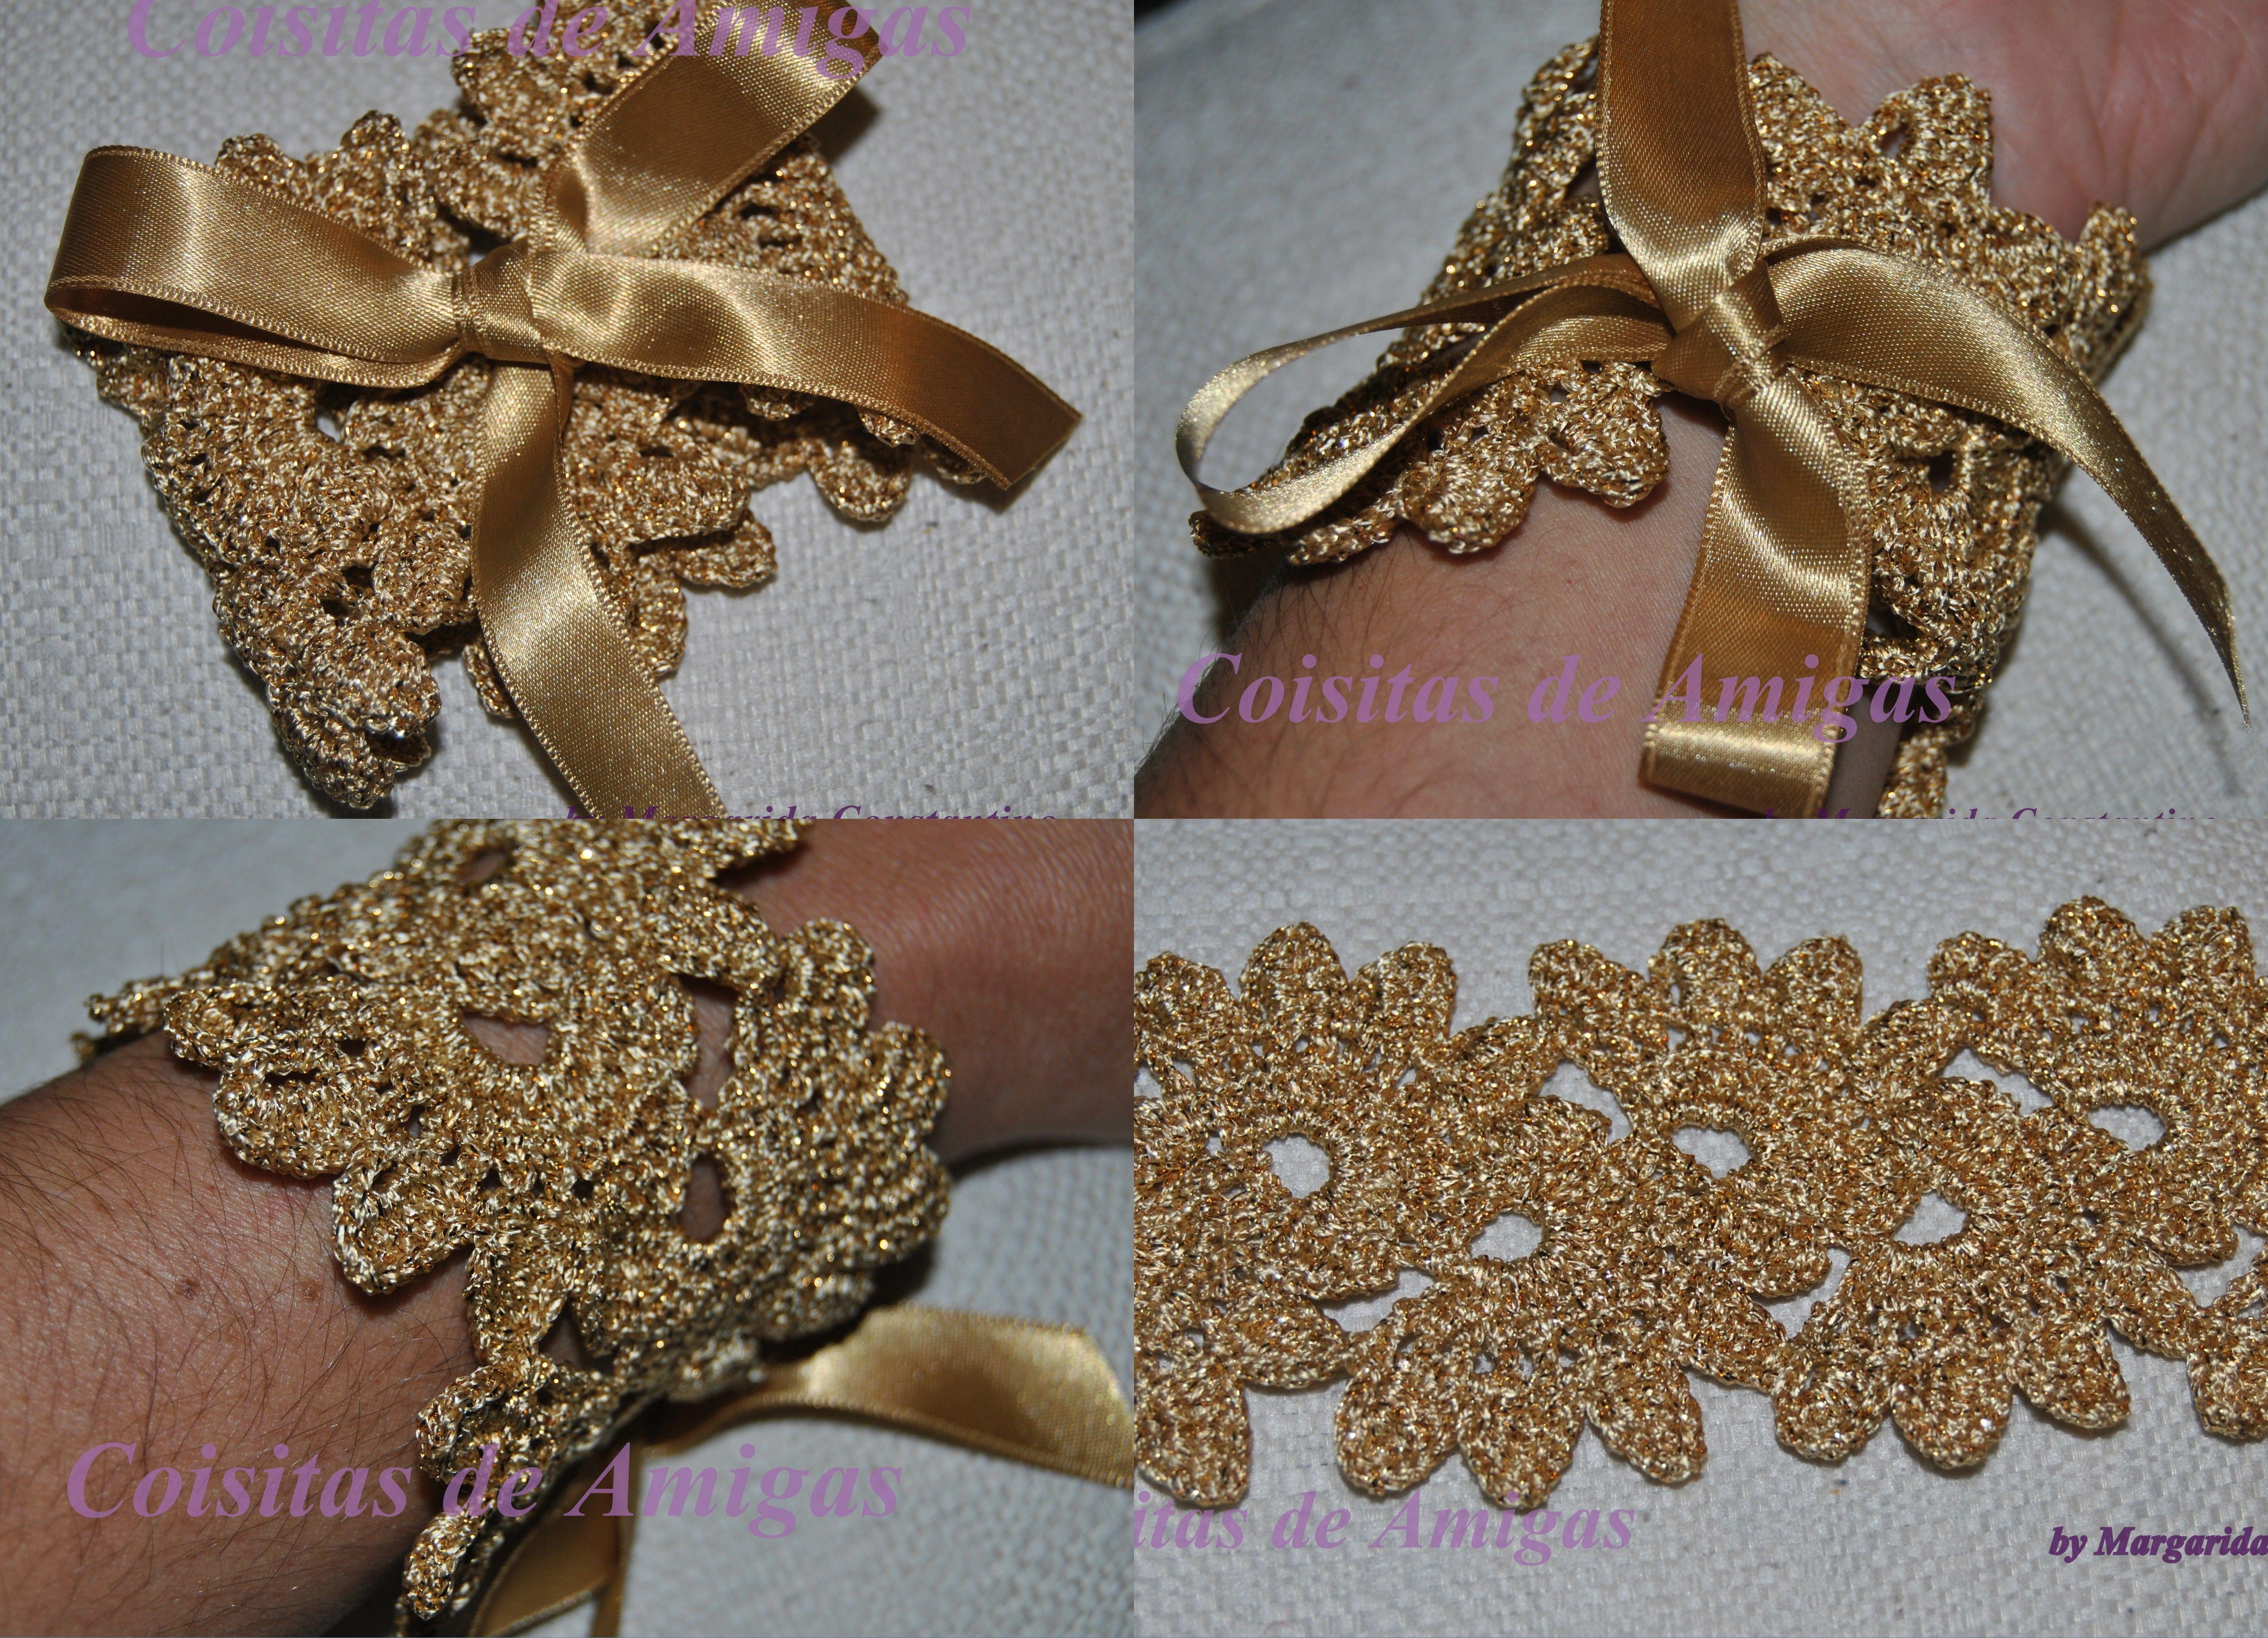 Pulseira de crochê em dourado fechando com laçarote